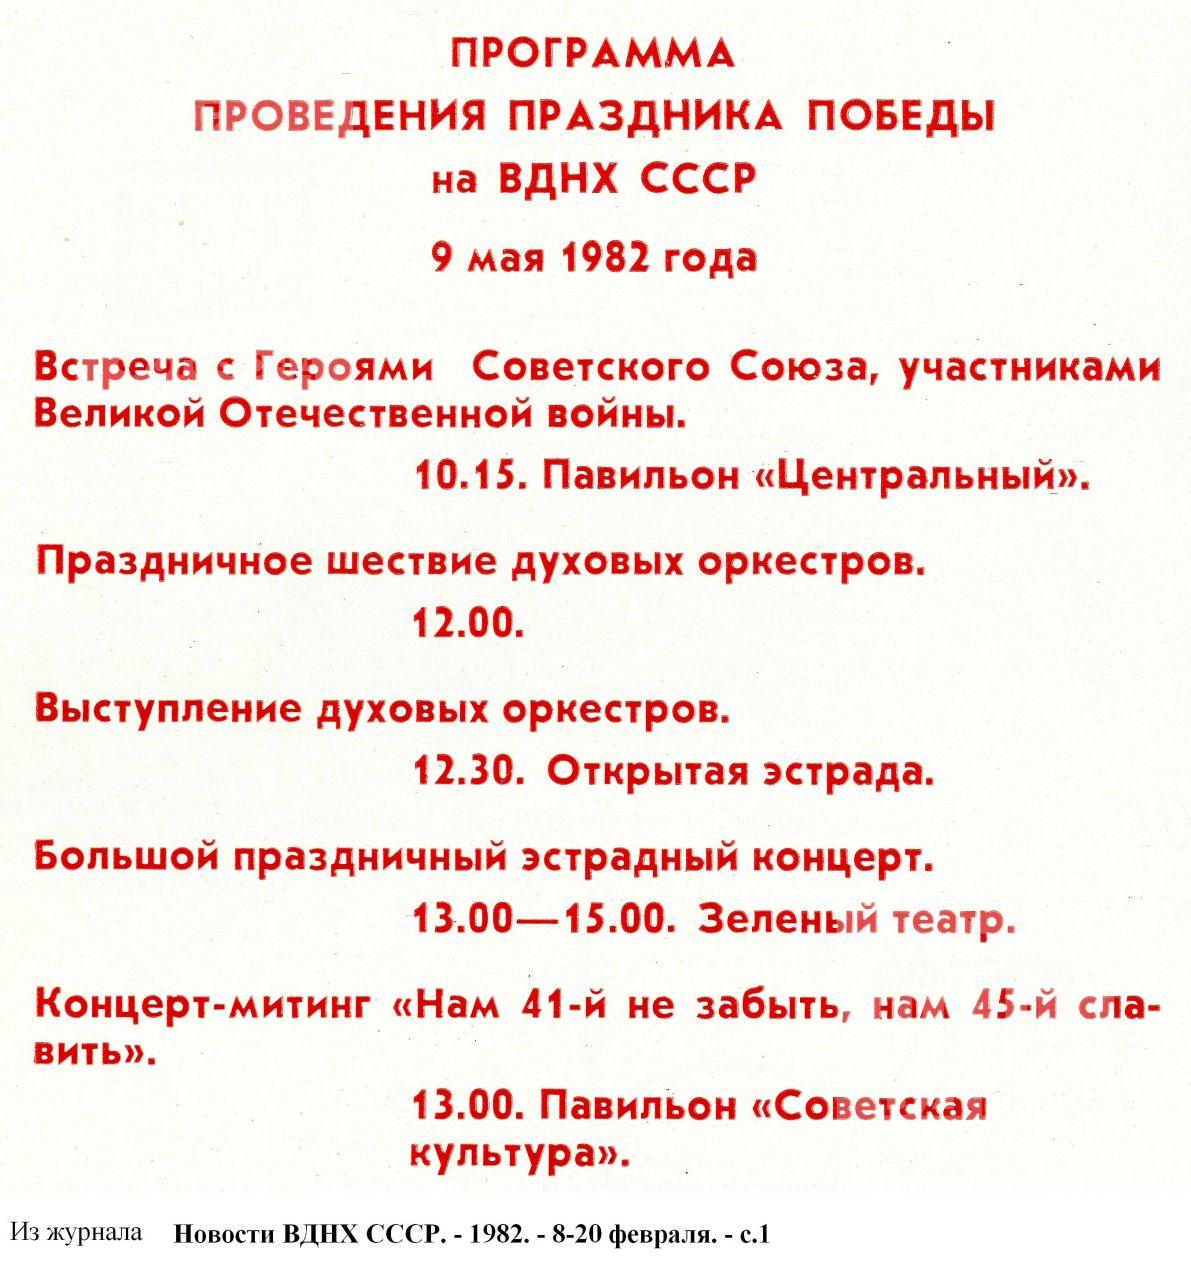 Программа проведения праздника Победы на ВДНХ СССР 9 мая 1982 г.. 1982